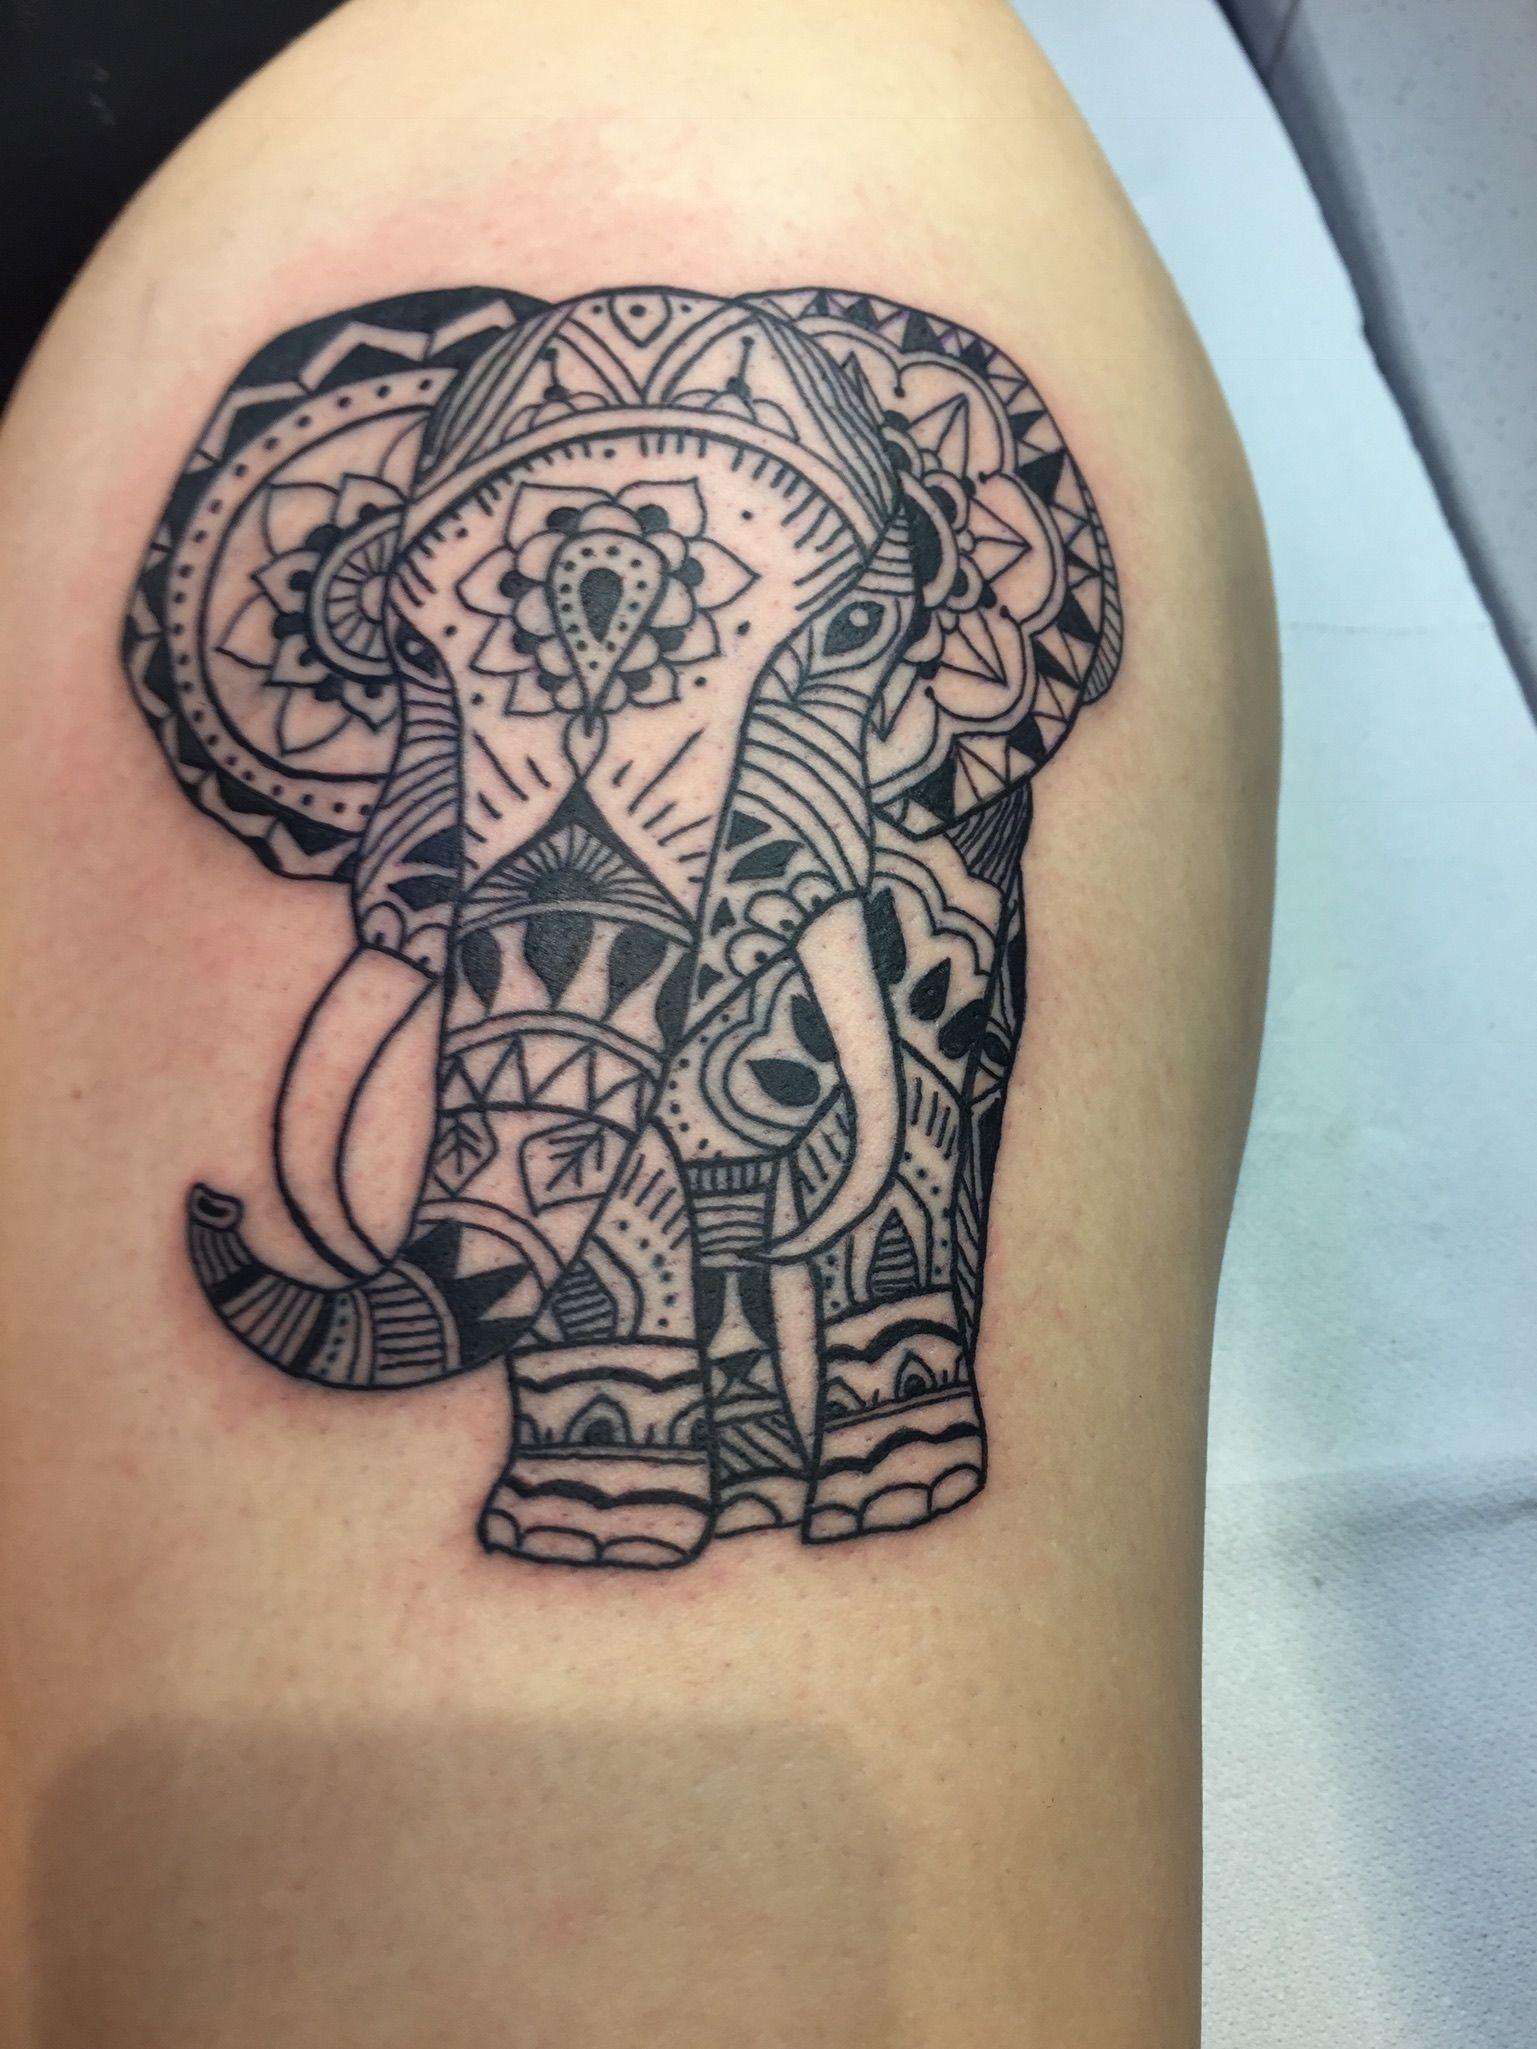 Maori Tattoo Studios: Peters Tattoo Studio Mannheim